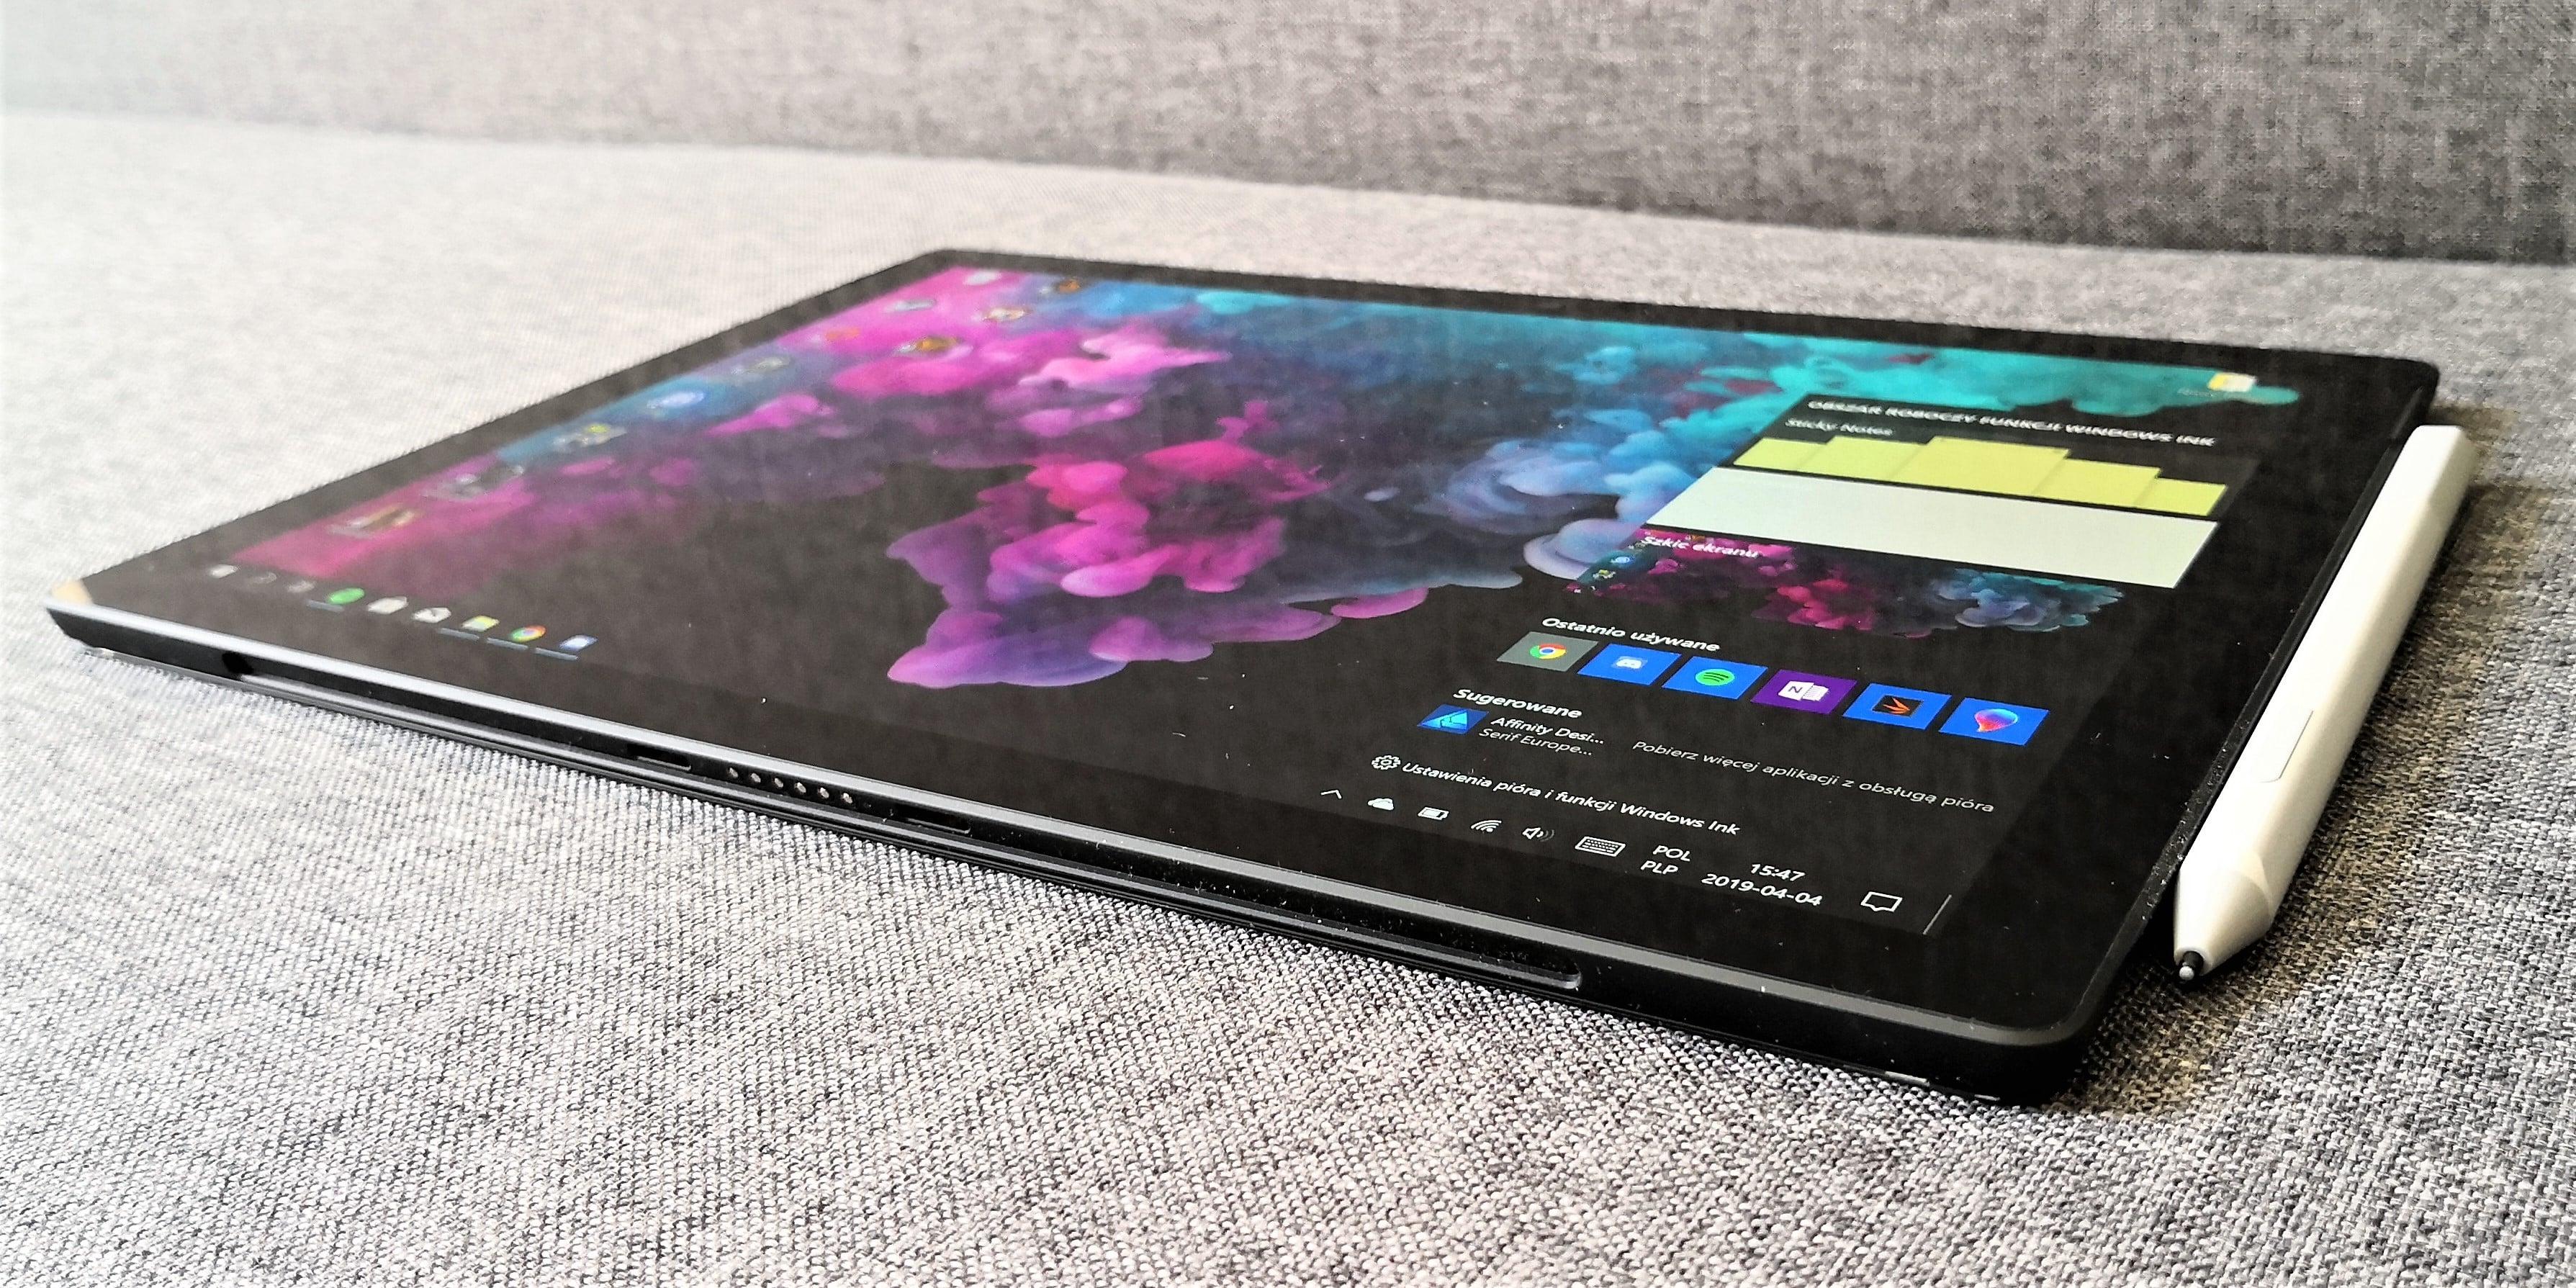 Odświeżony rysik to chyba jedyne, czym może zaskoczyć nas Surface Pro 7 19